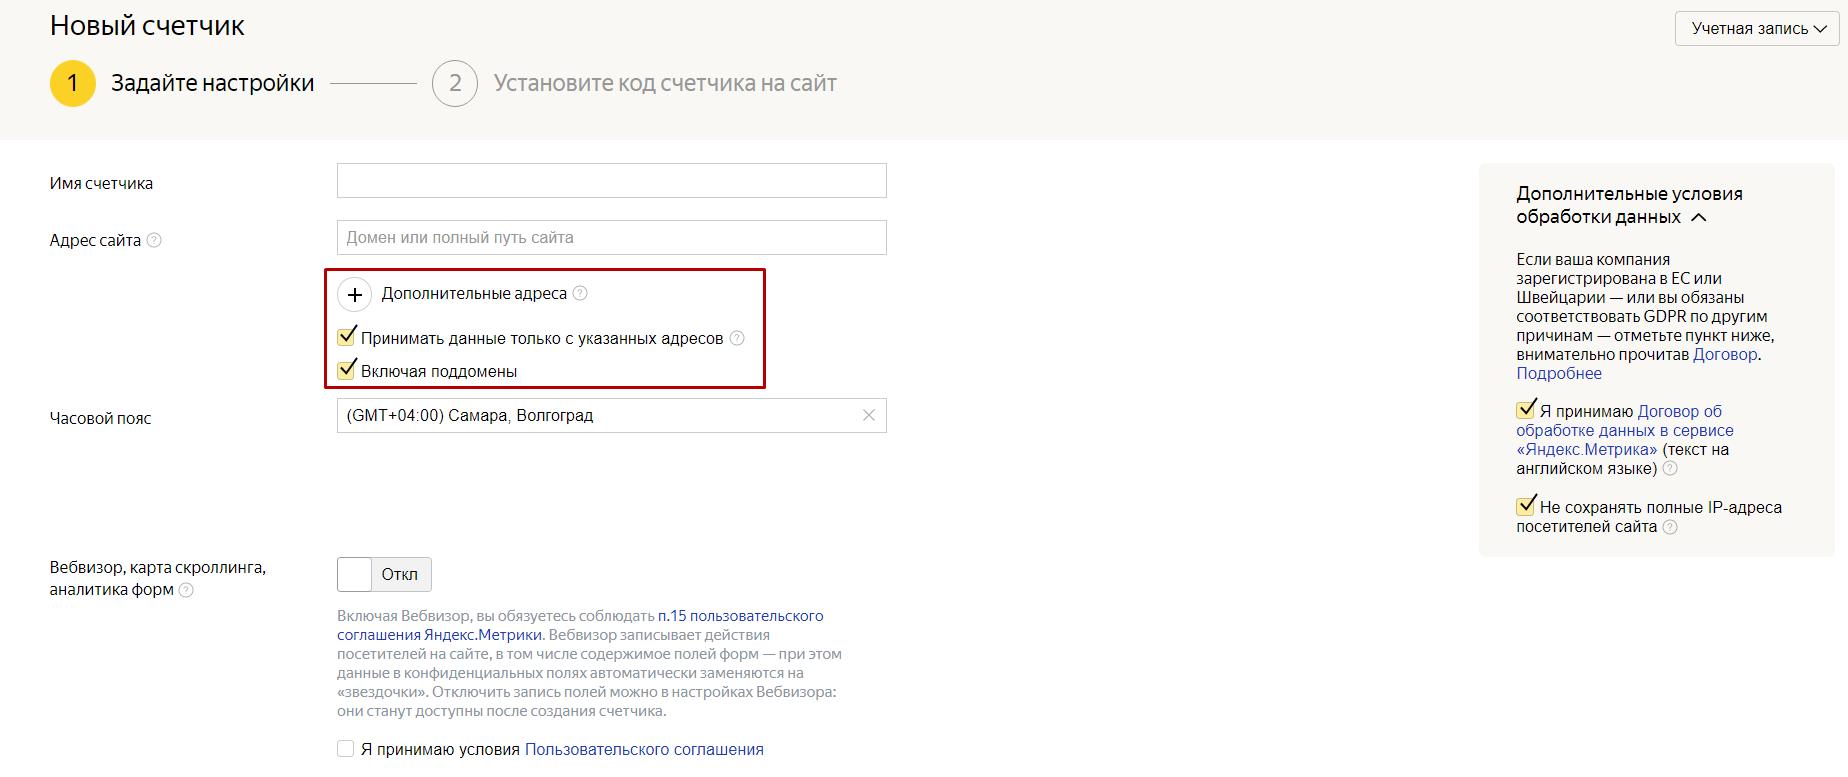 Параметры счетчика в Яндекс.Метрике